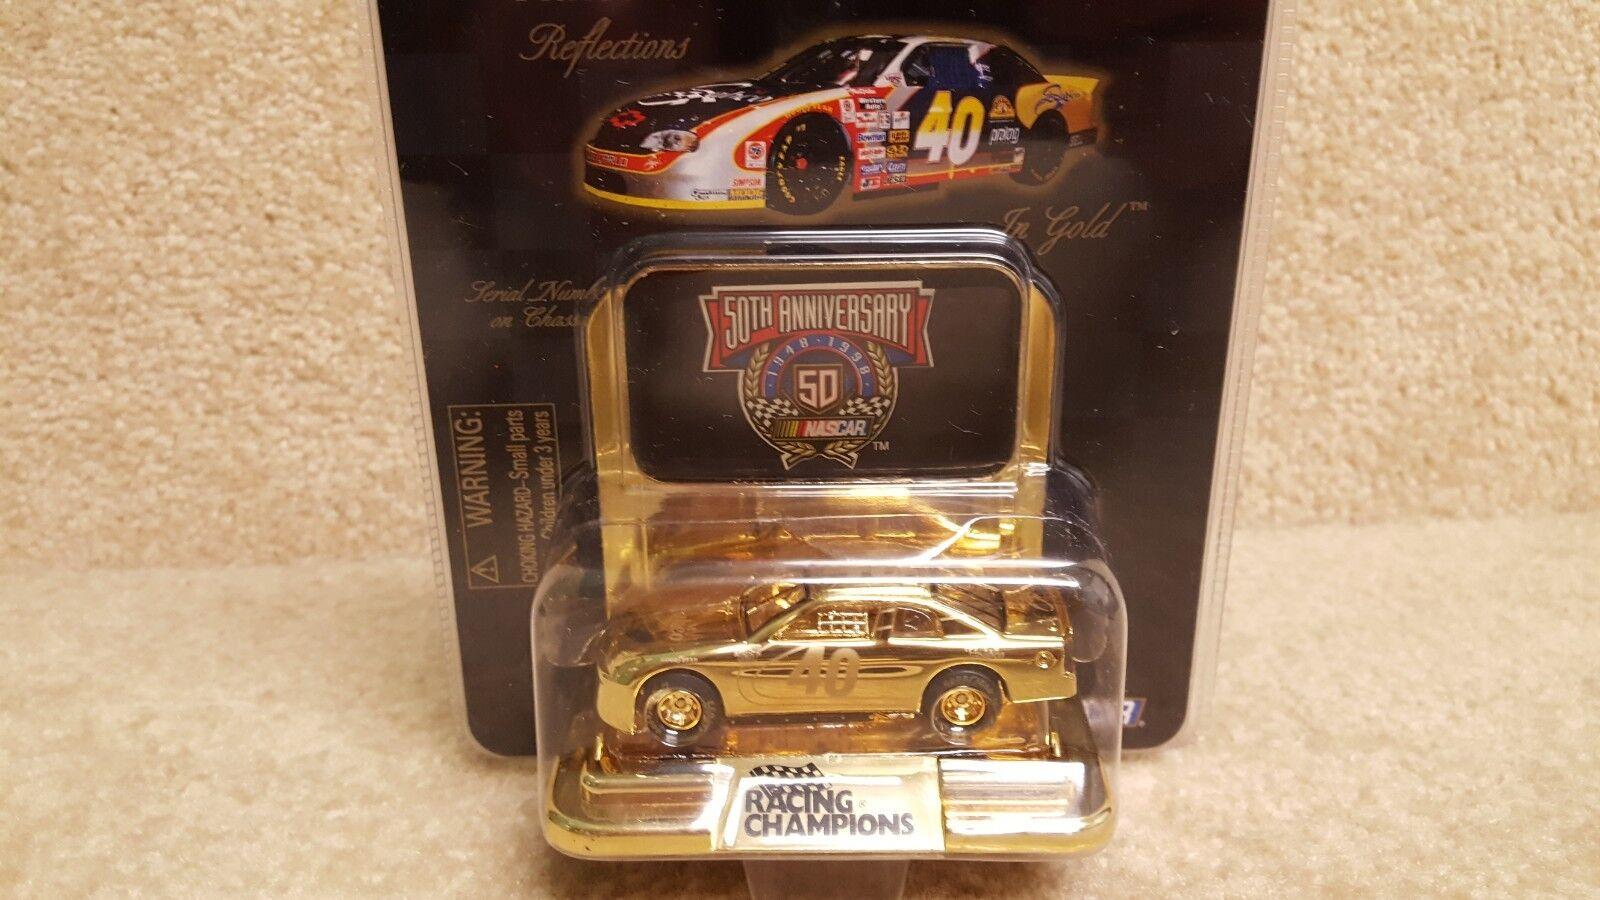 New 1998 Racing Champions 1 64 NASCAR 24K gold Sterling Marlin Sabco Monte Carlo